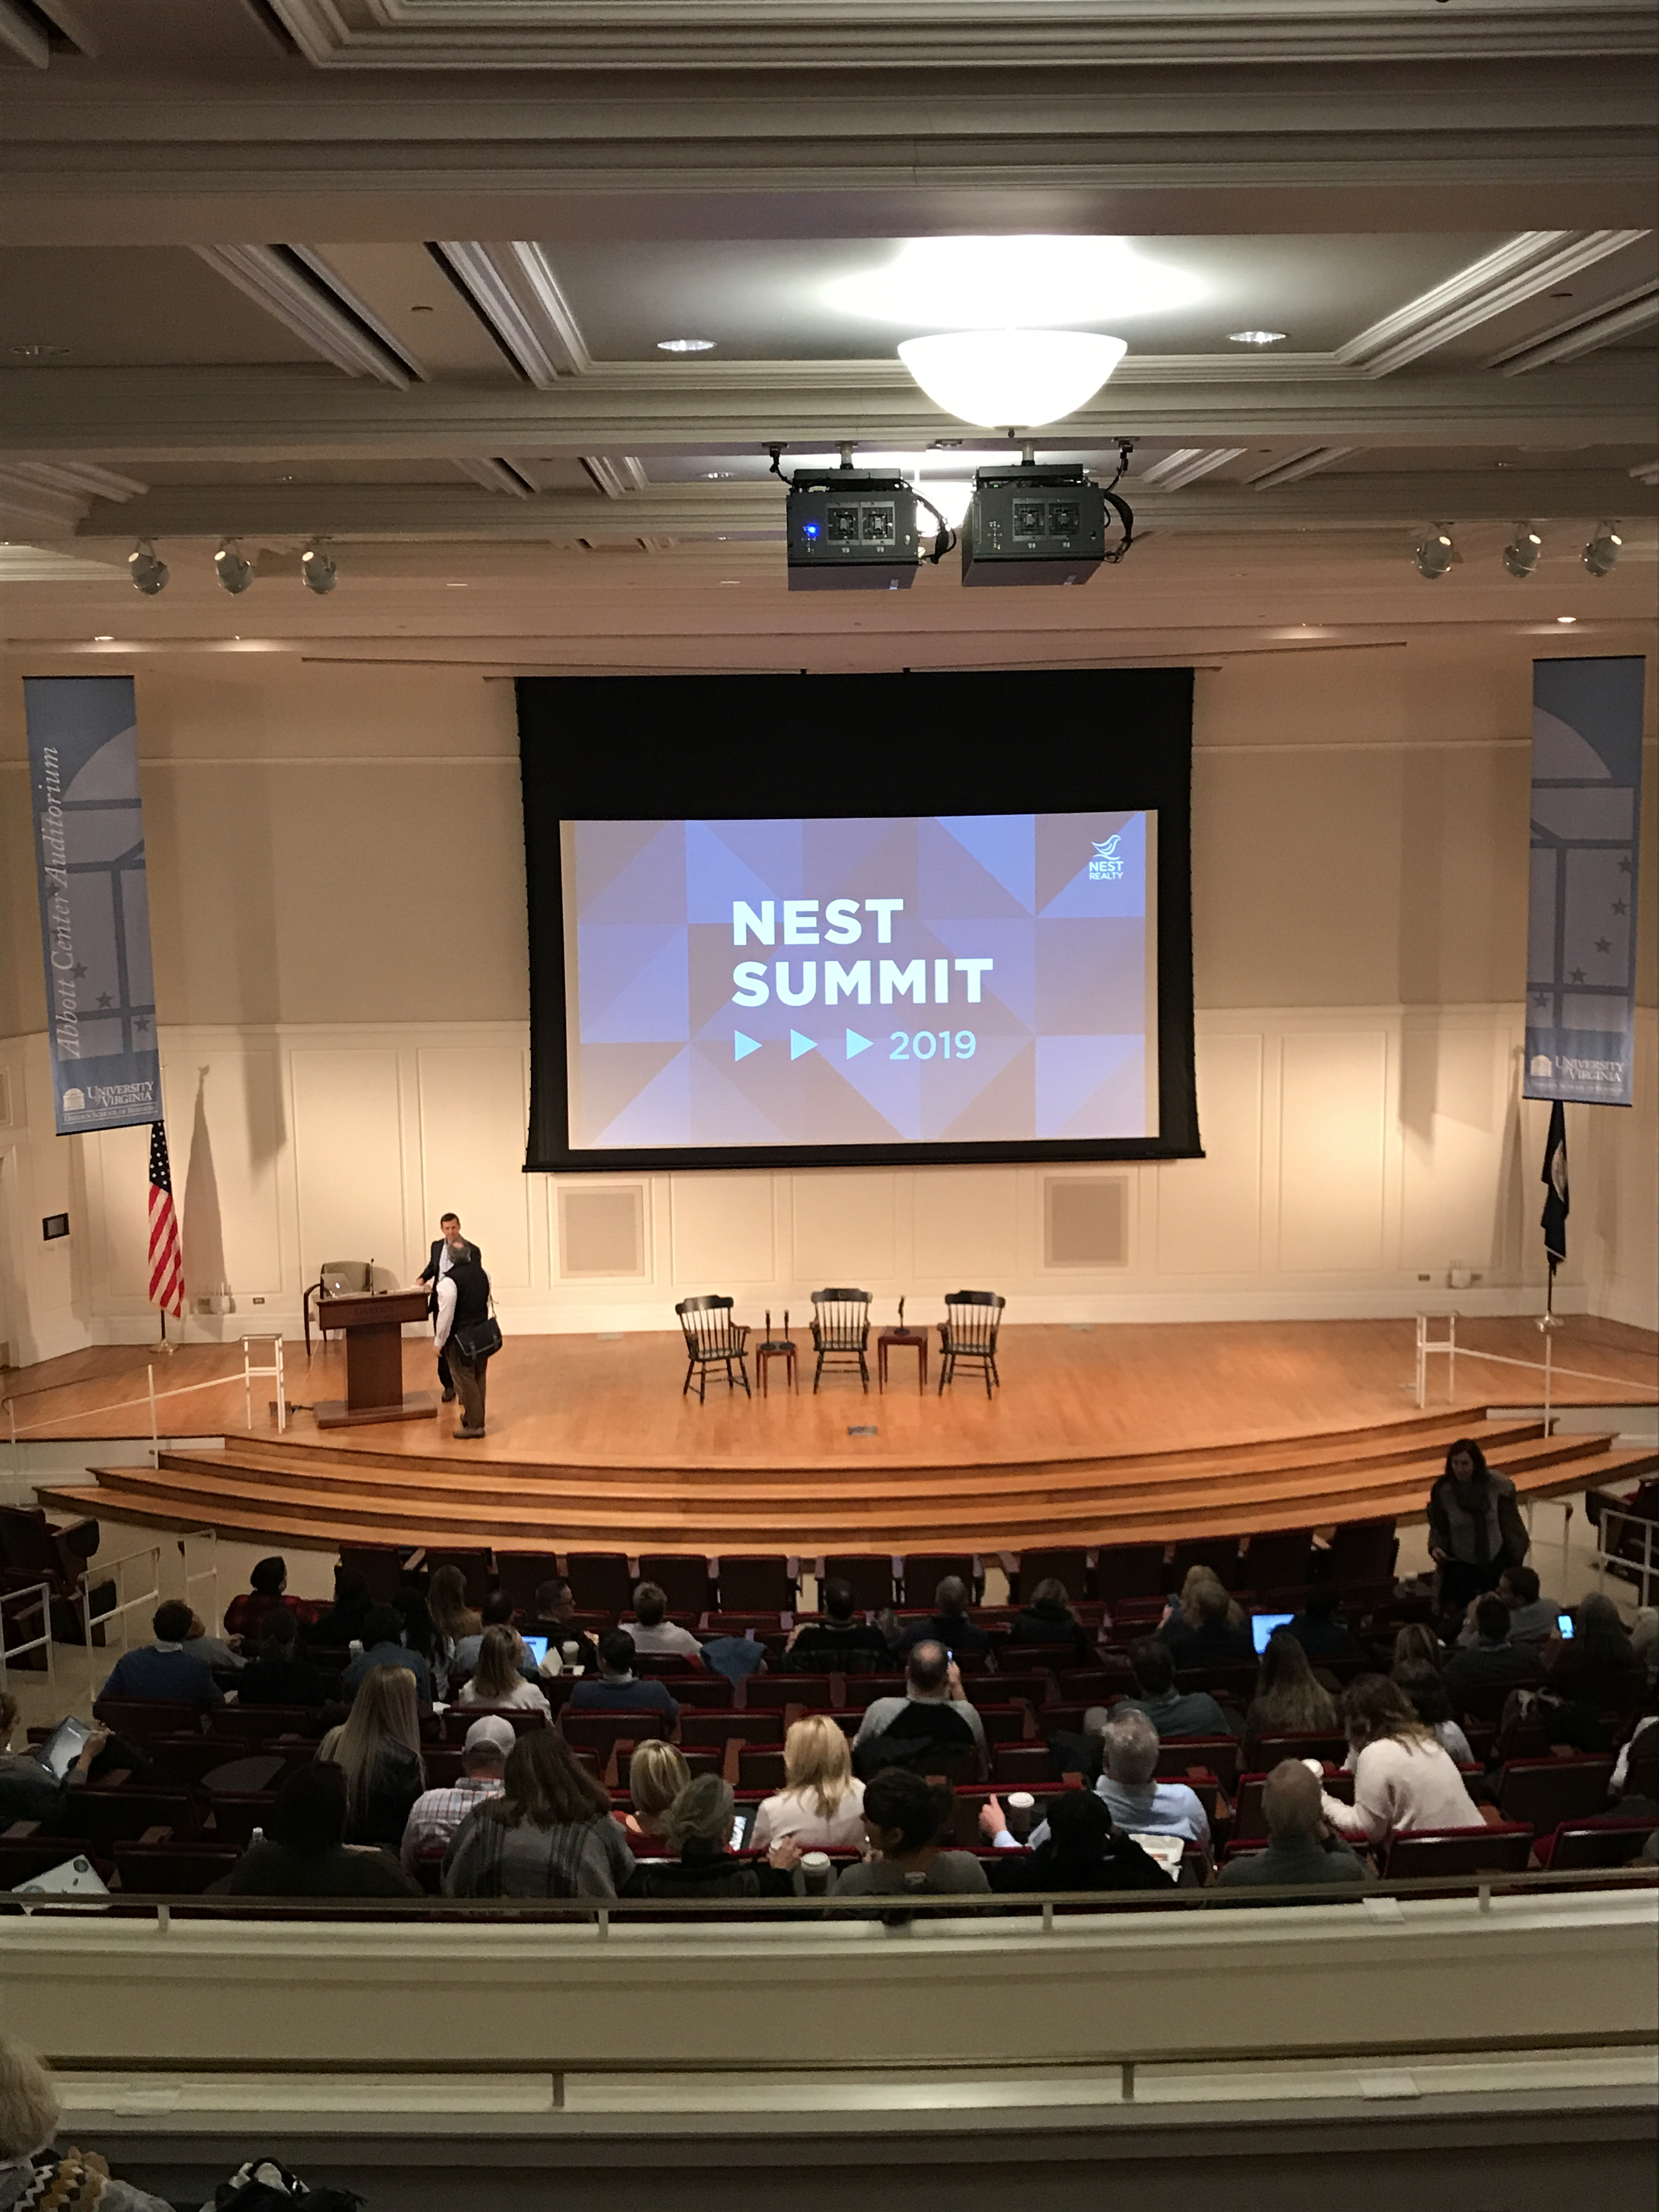 Nest Summit 2019